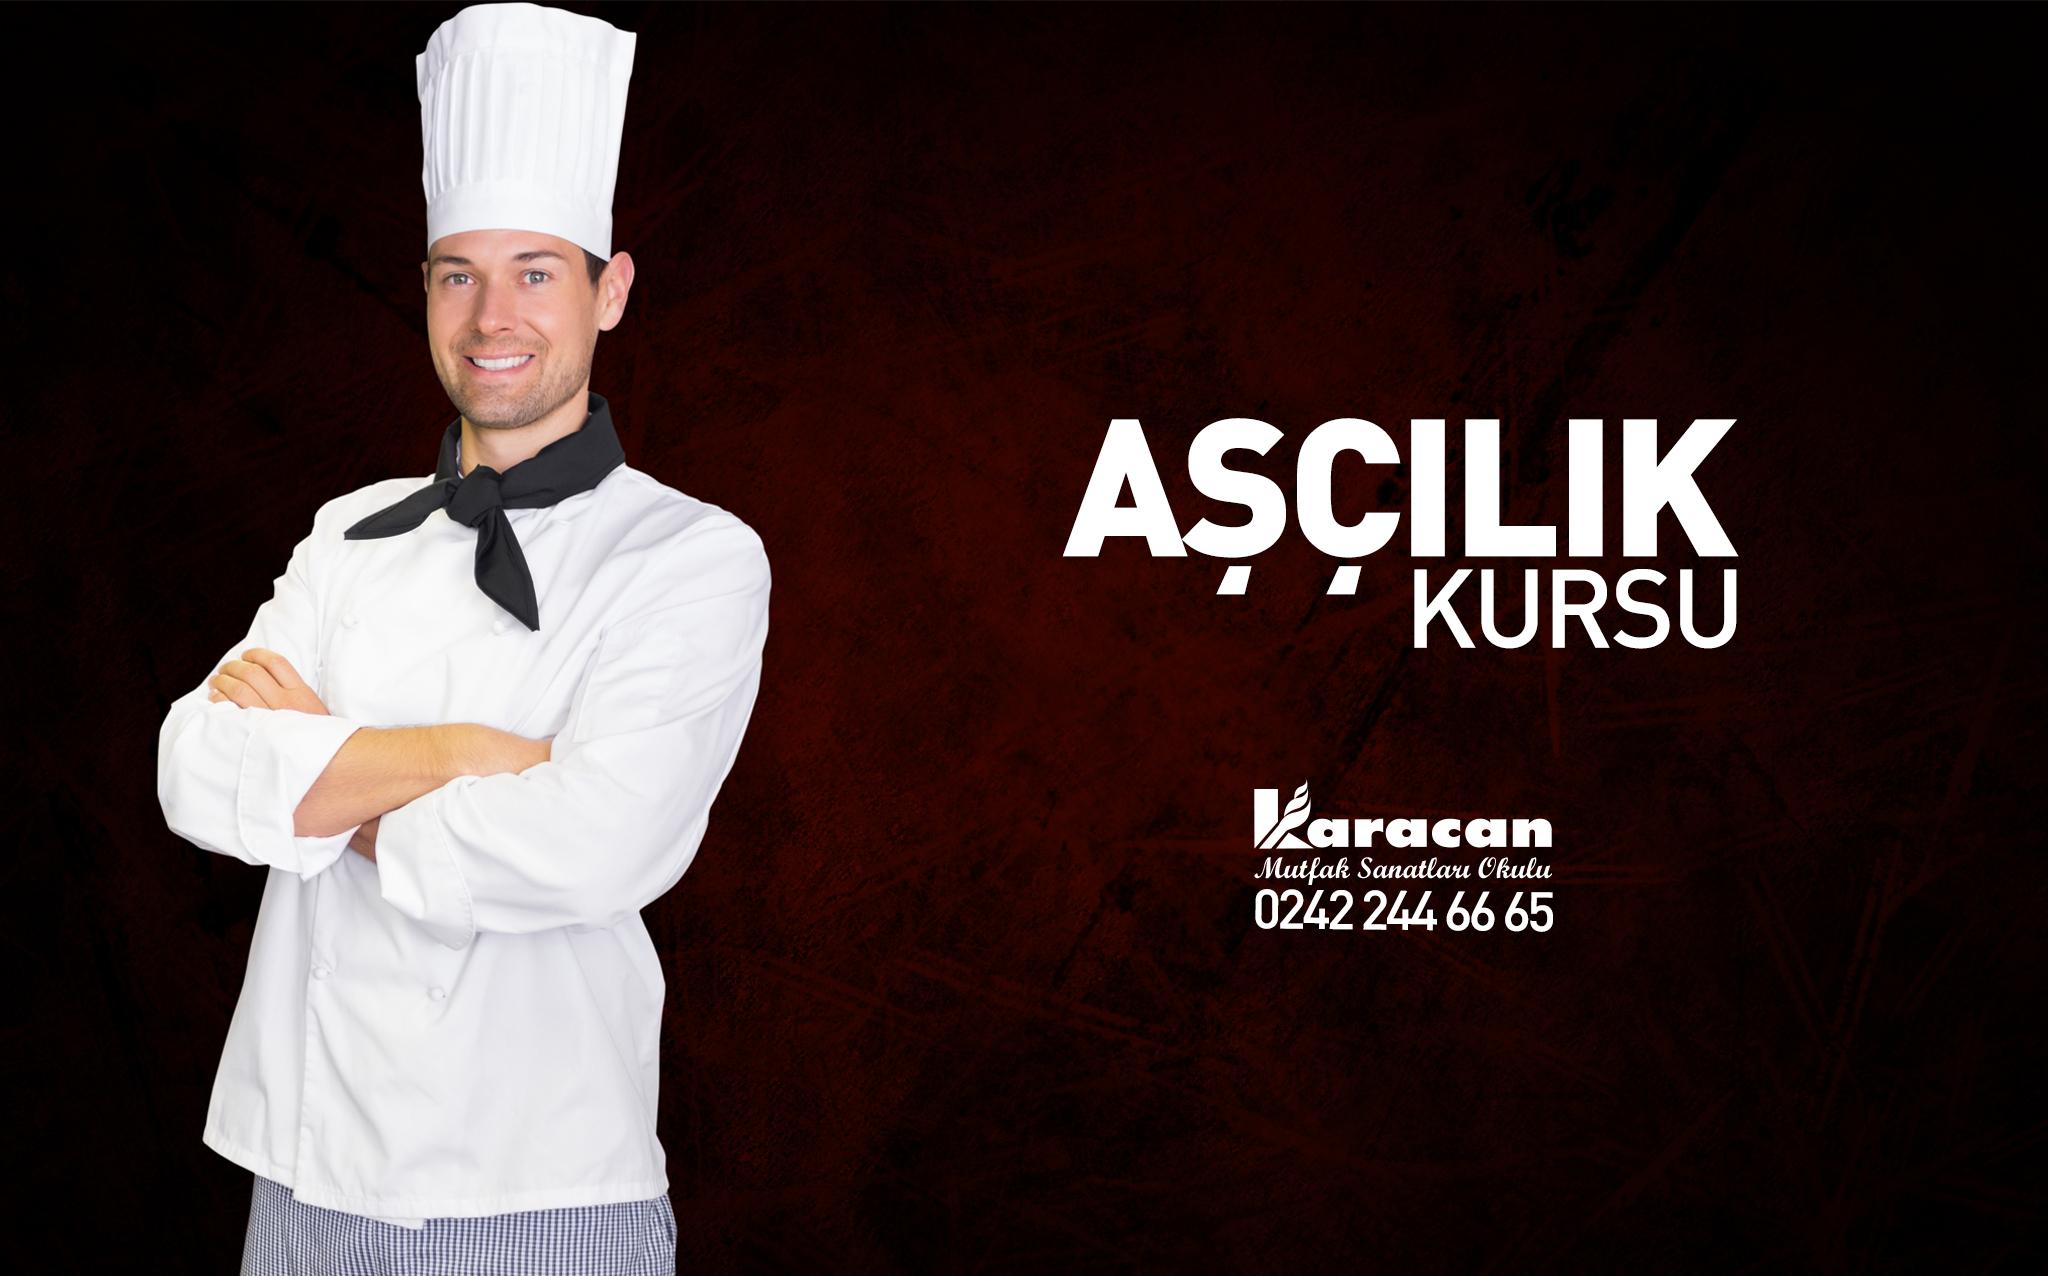 Bitlis Aşçılık Pastacılık Kursu - 0 242 244 66 65